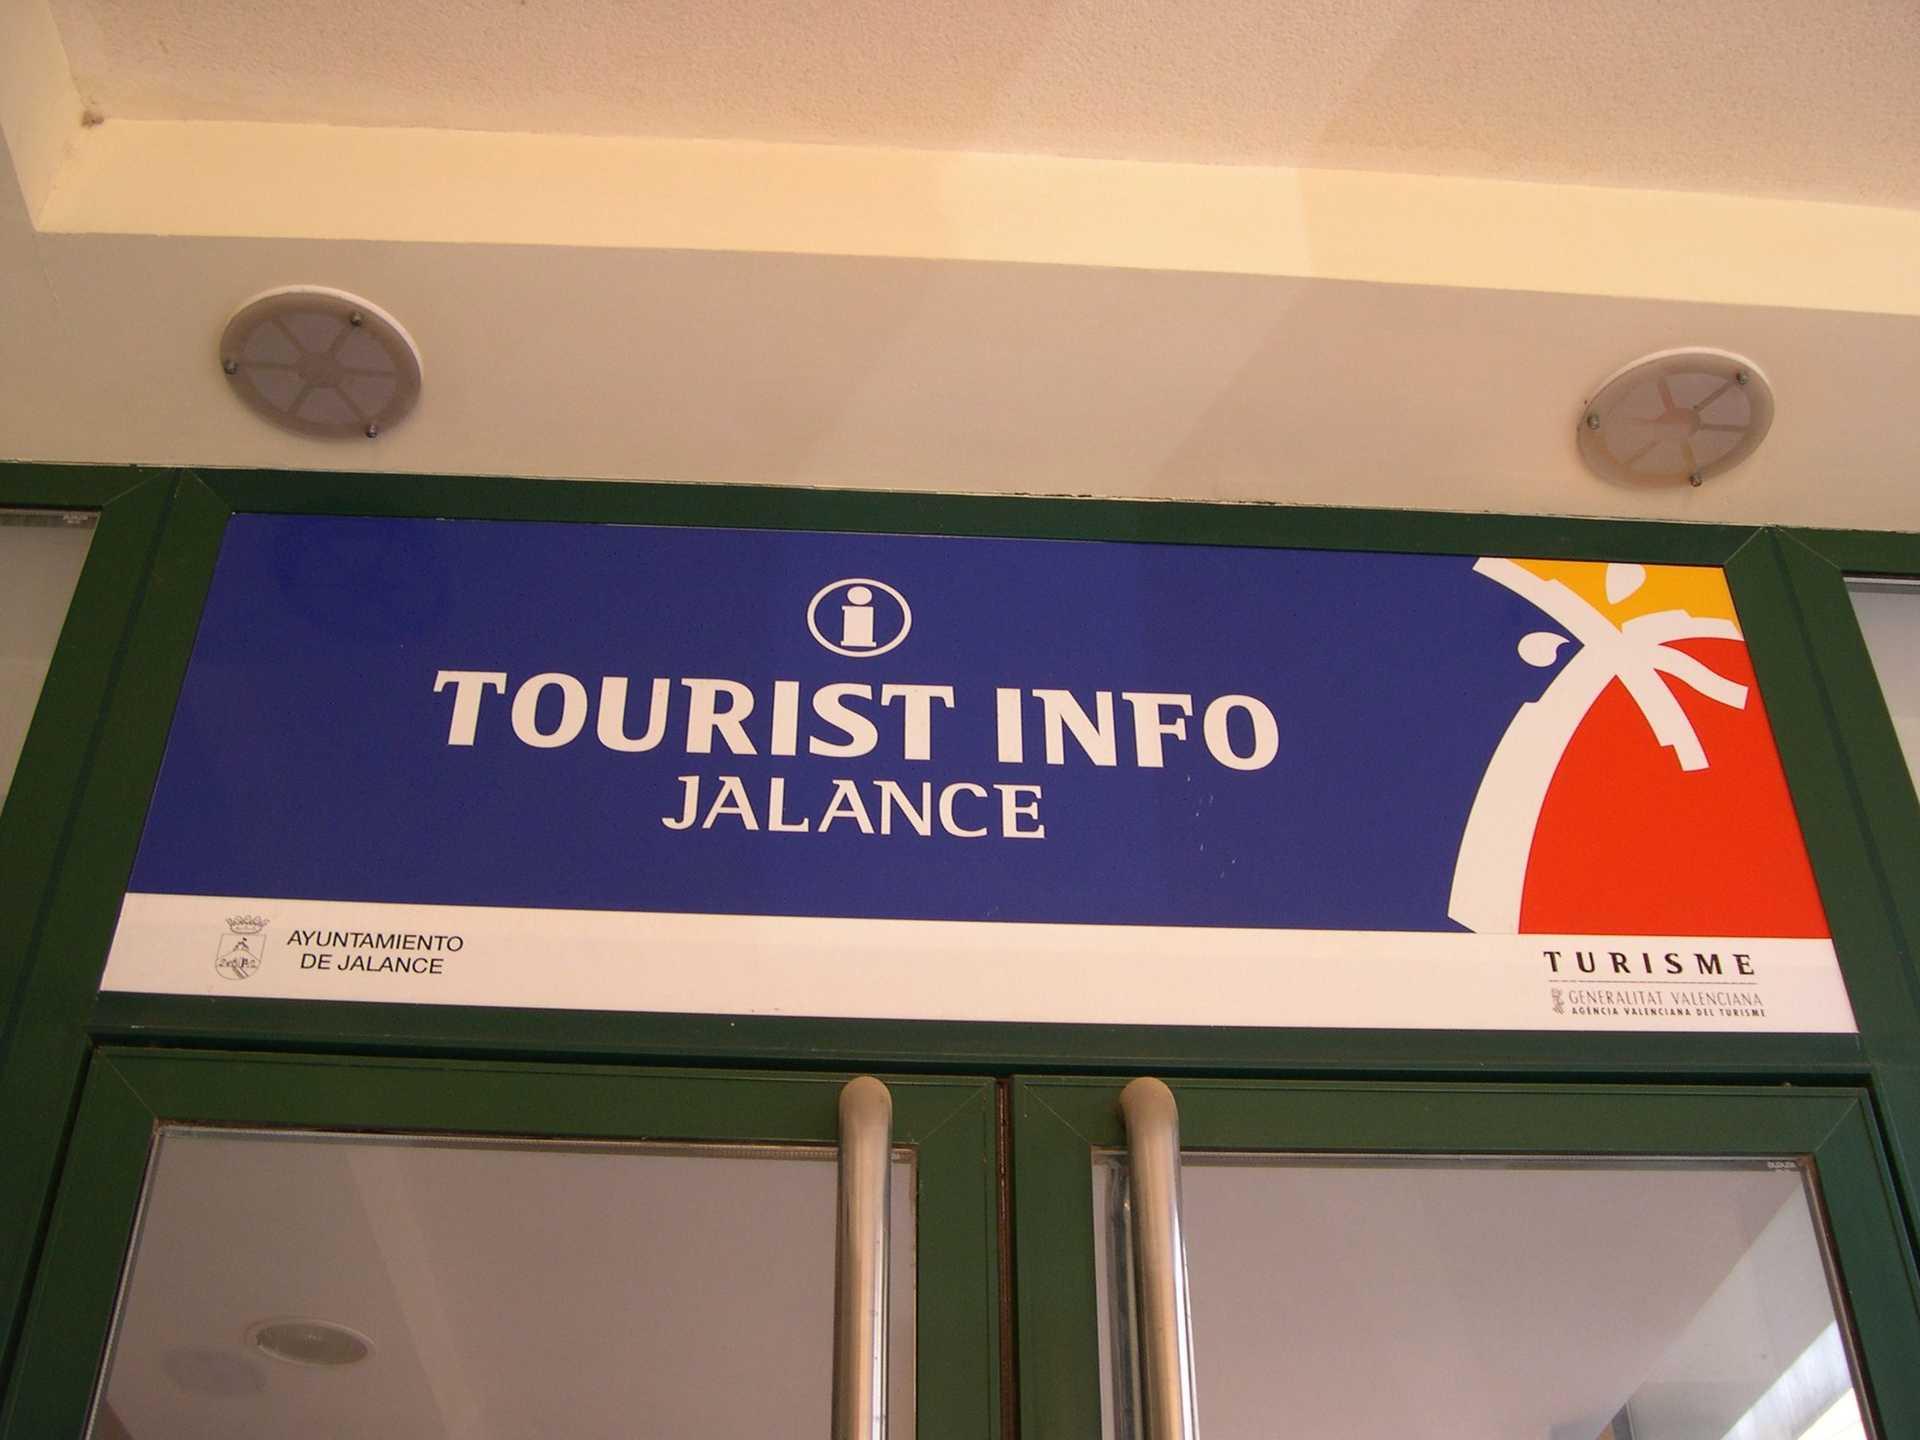 TOURIST INFO JALANCE